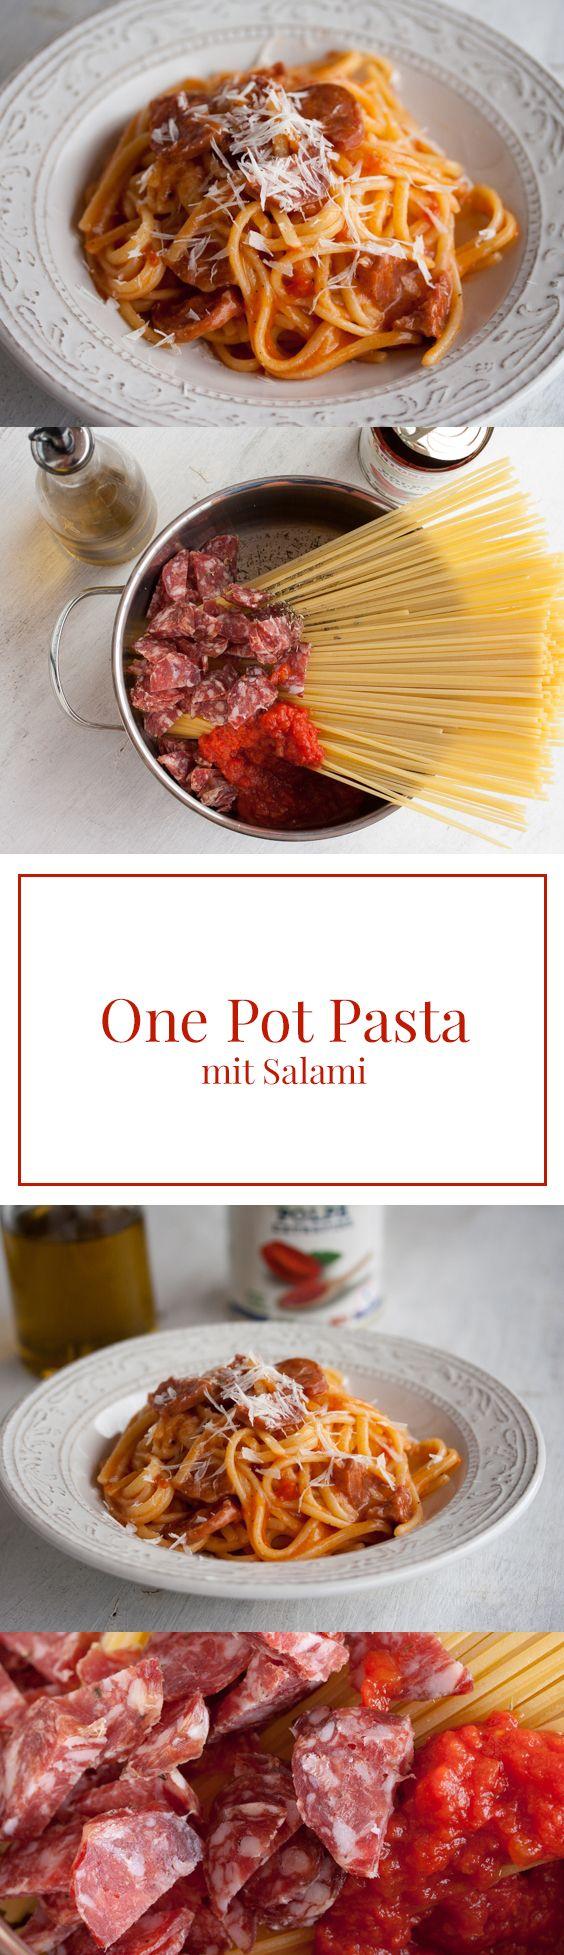 One Pot Pasta: Alles aus einem Topf, mit Salami und Tomatensauce, fertig in 15 Minuten - schnelles Mittagessen olé! Rezept auf www.we-love-pasta.de